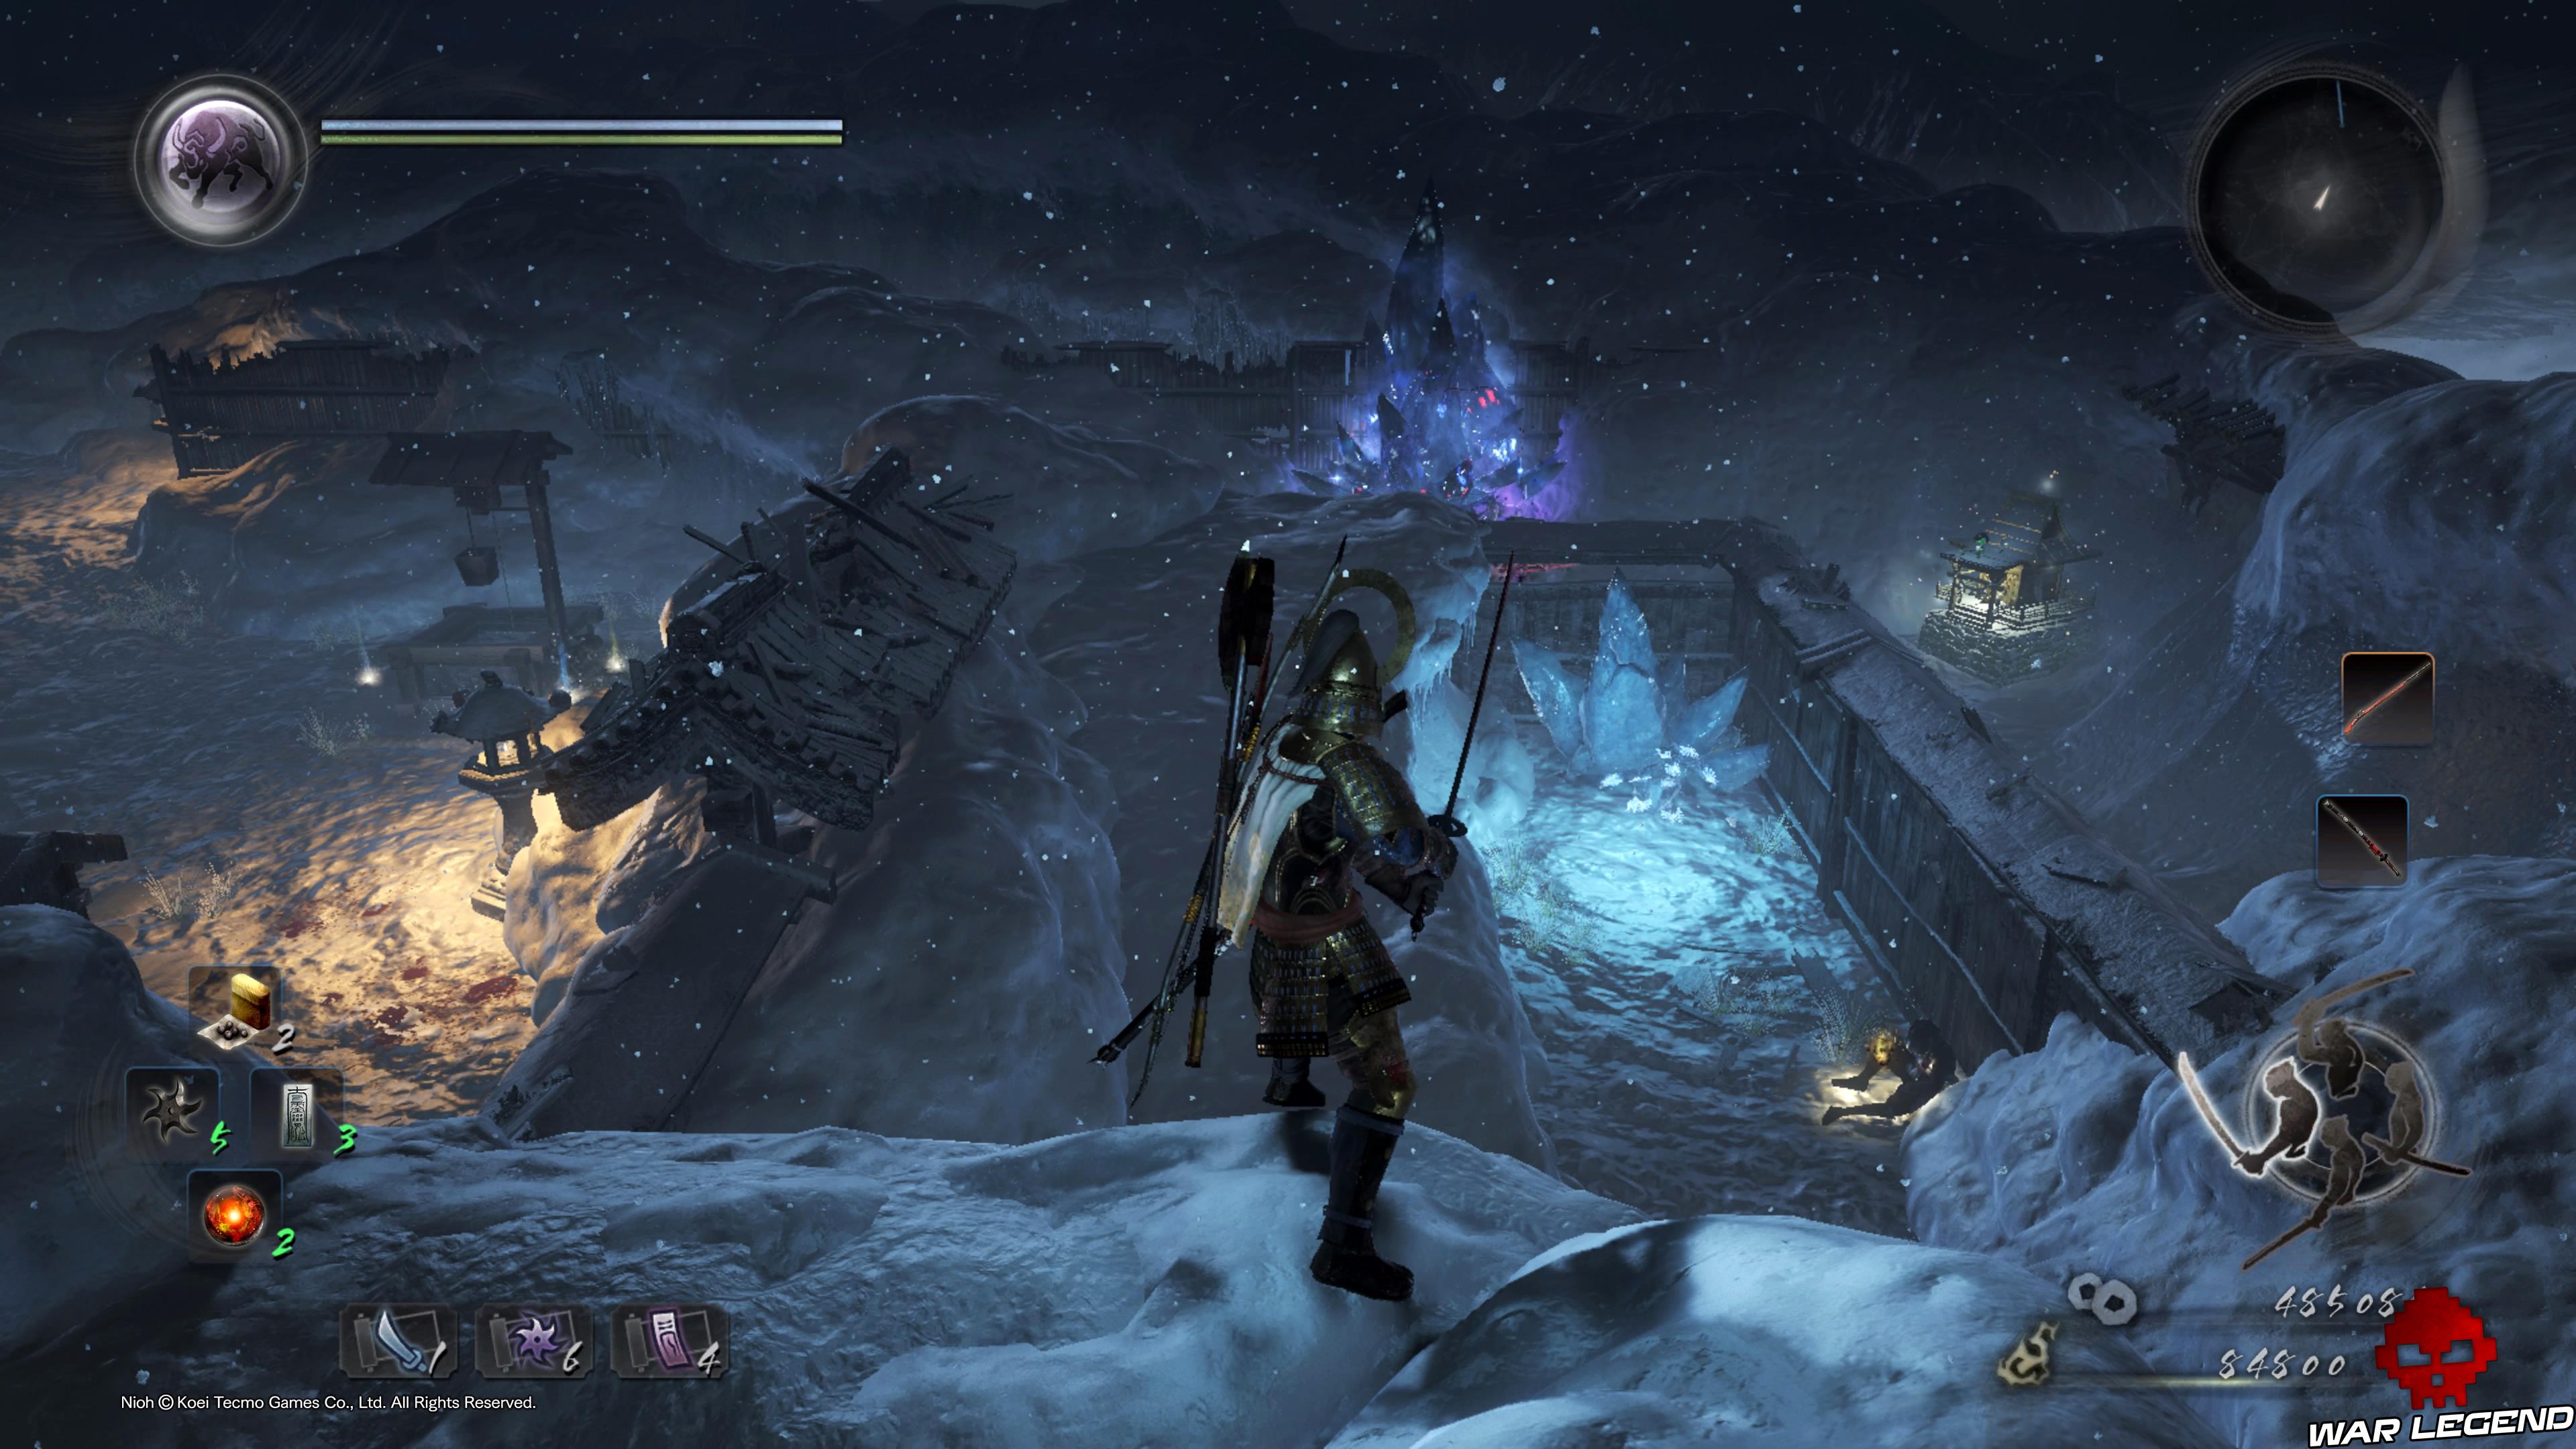 Soluce Nioh - Chute de neige: mission 8 autel et glace